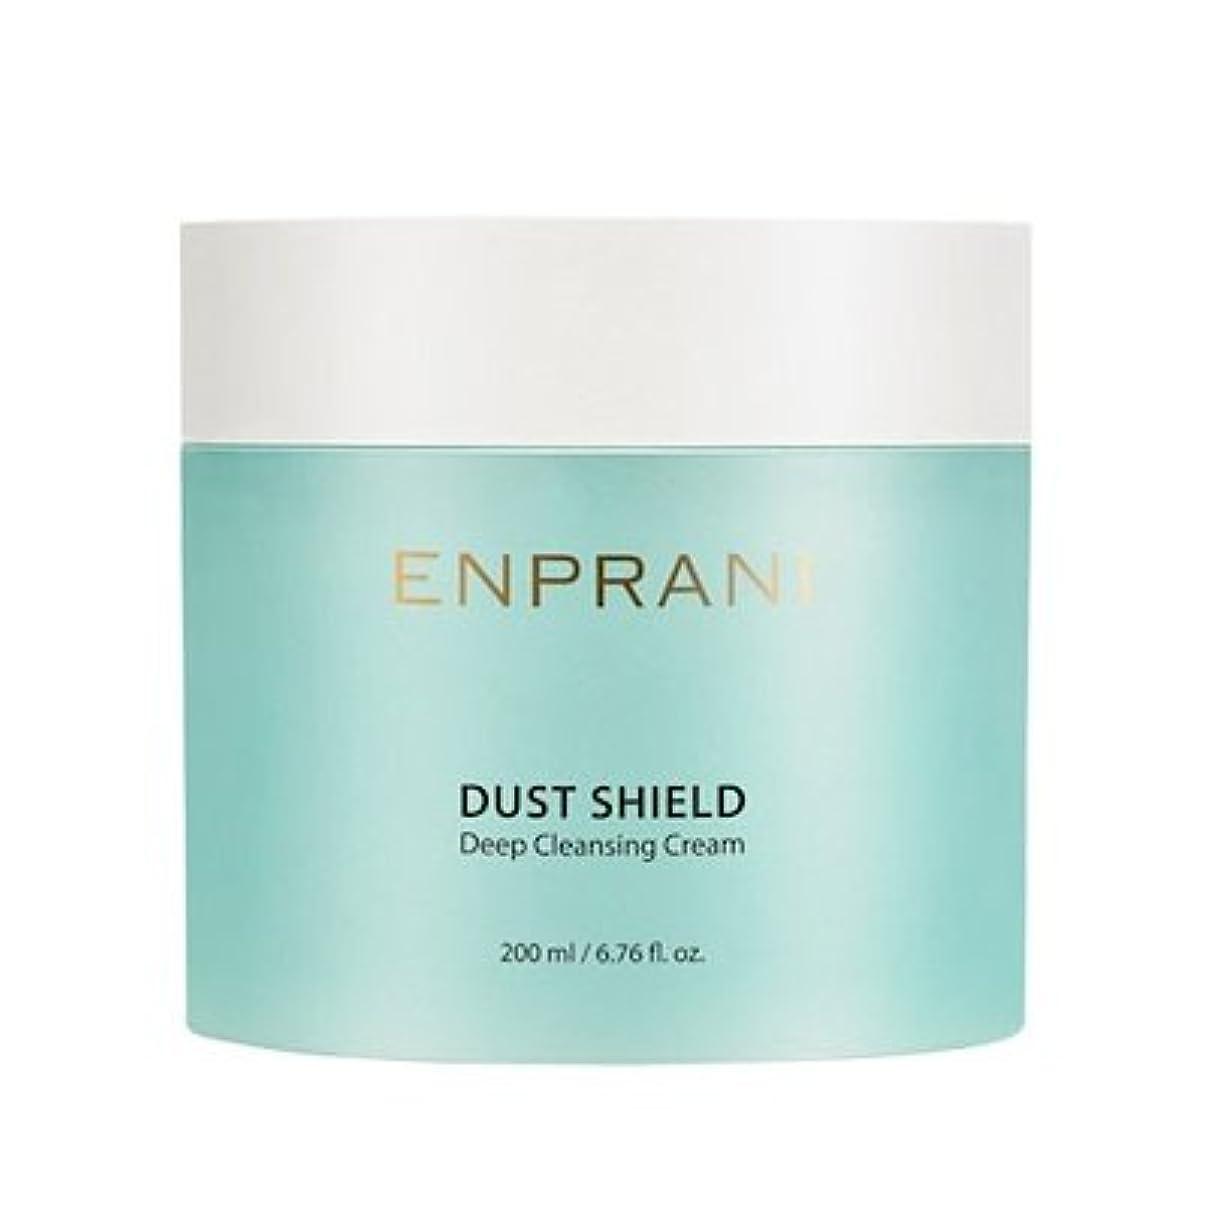 ソビエト胴体代数ENPRANI Dust Shield Deep Cleansing Cream エンプラニ ダストシールドディープクレンジングクリーム200ml [並行輸入品]